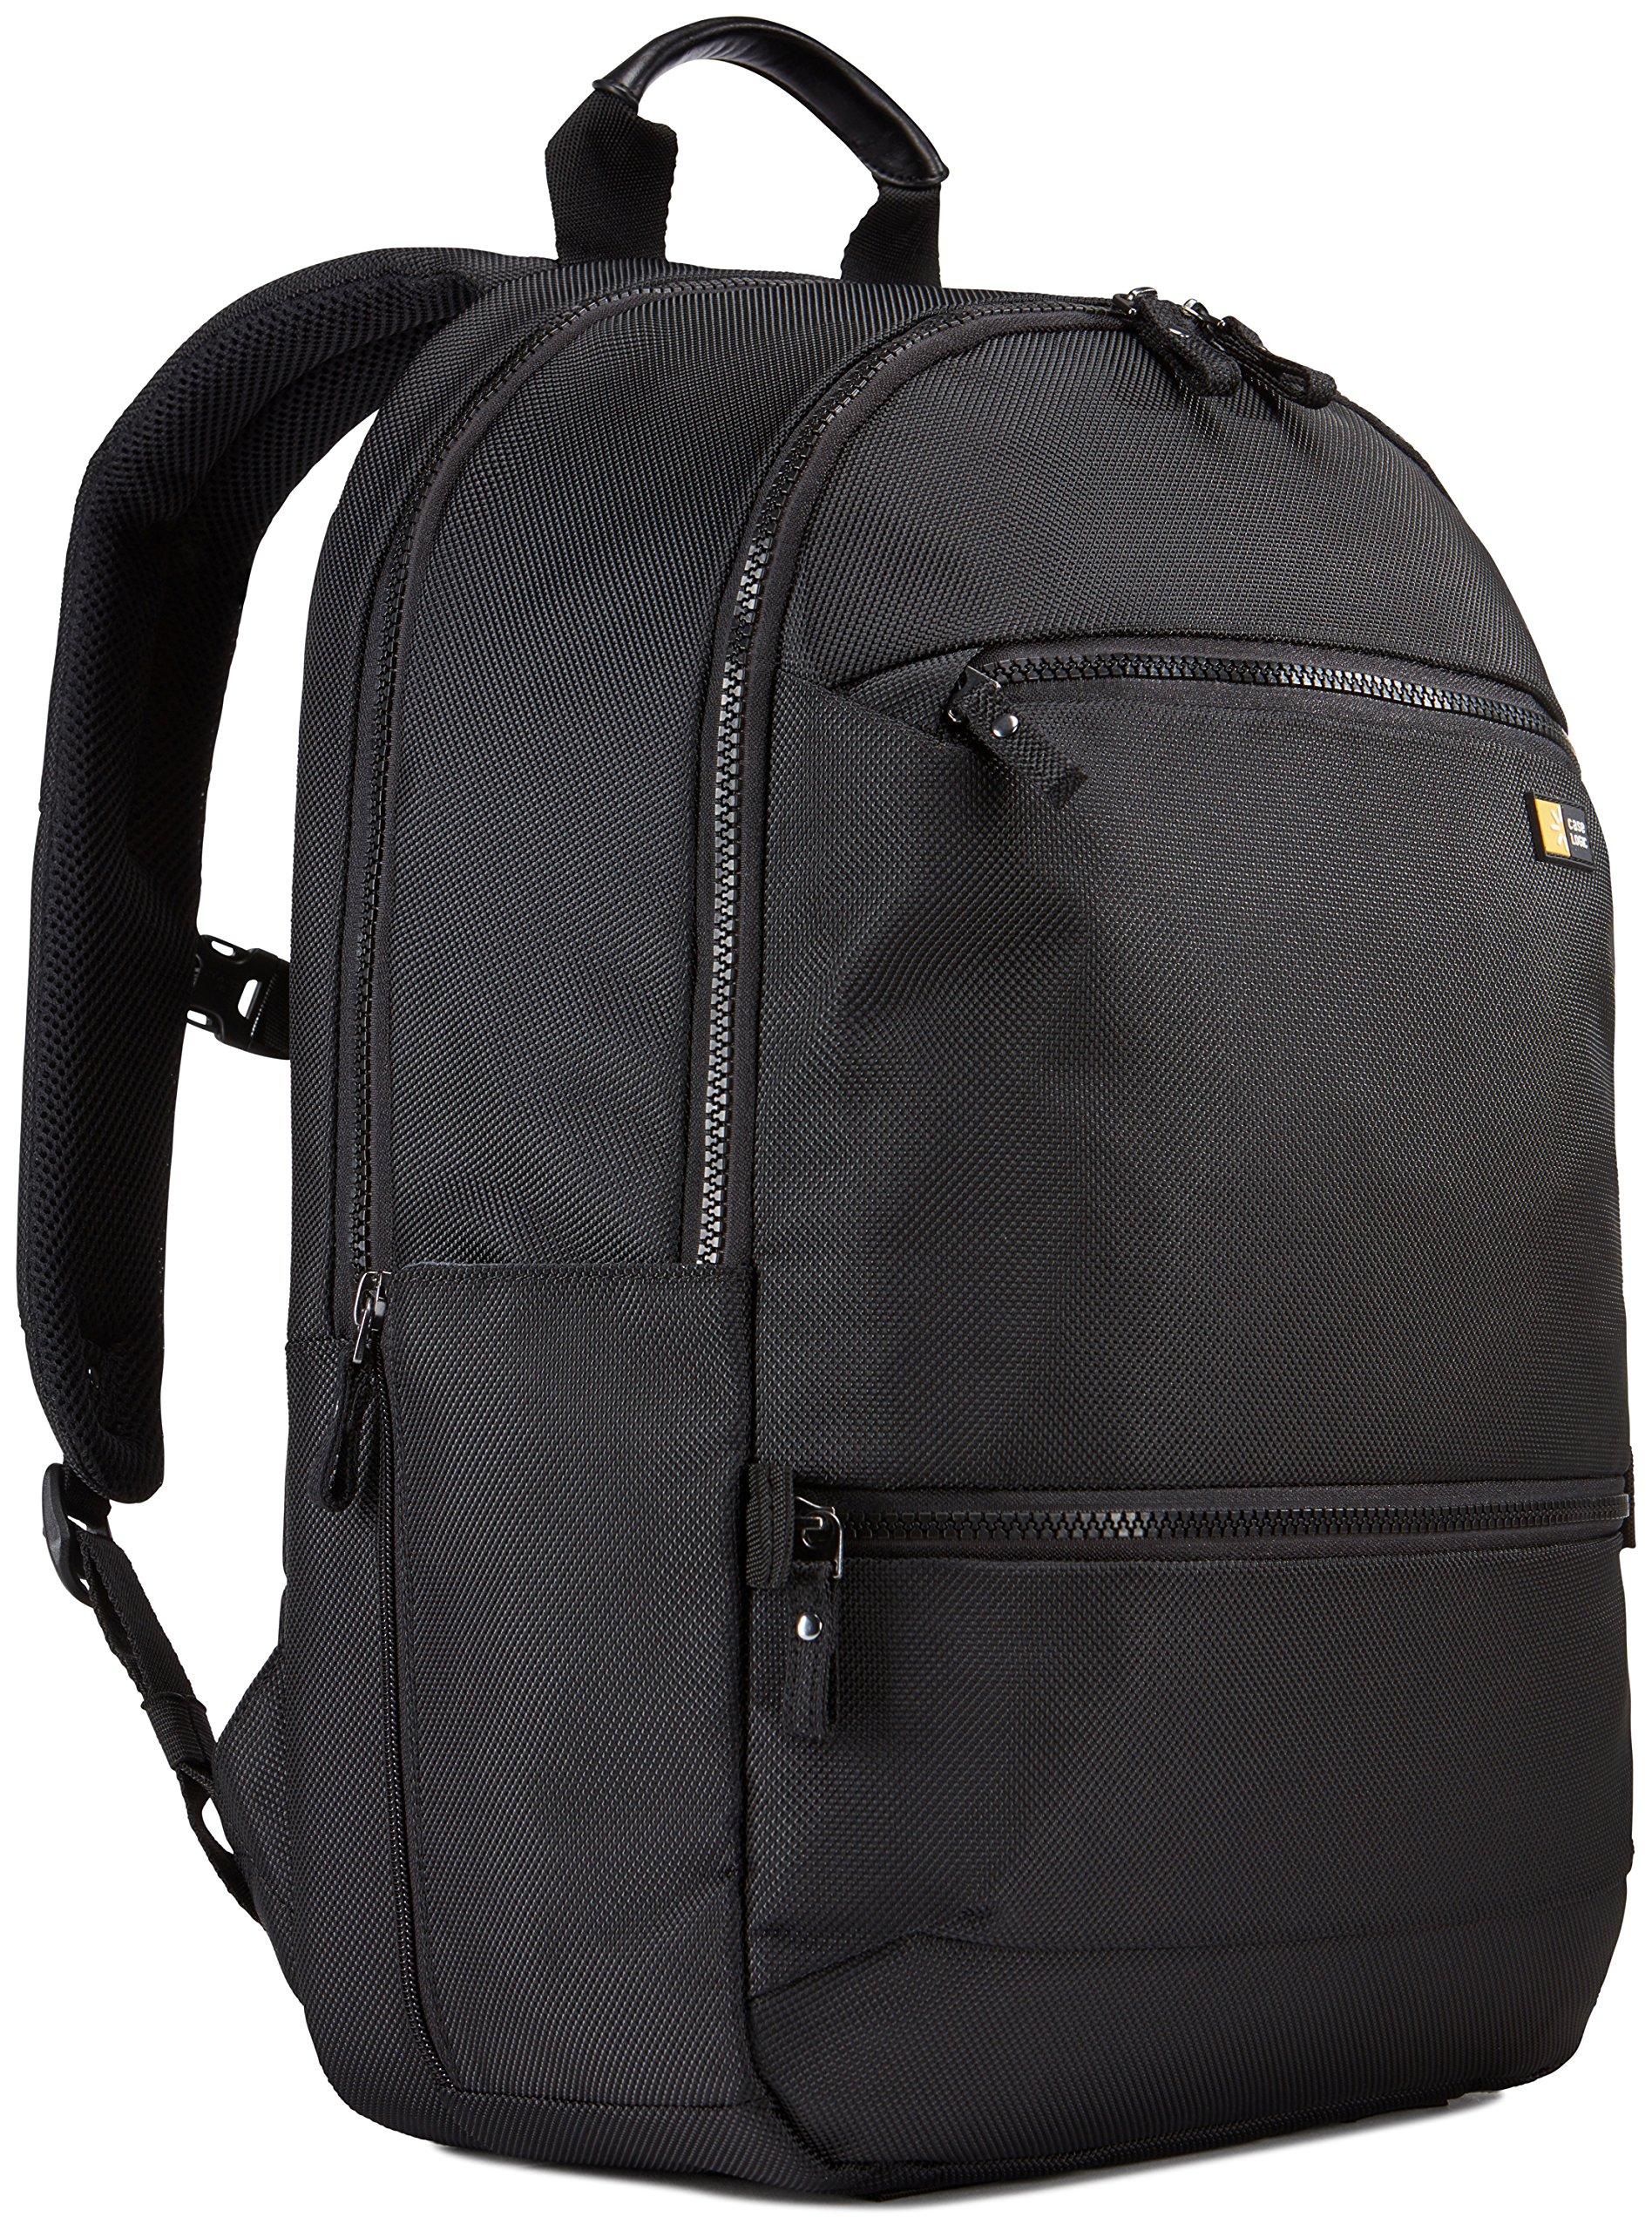 Case Logic Bryker Backpack by Case Logic